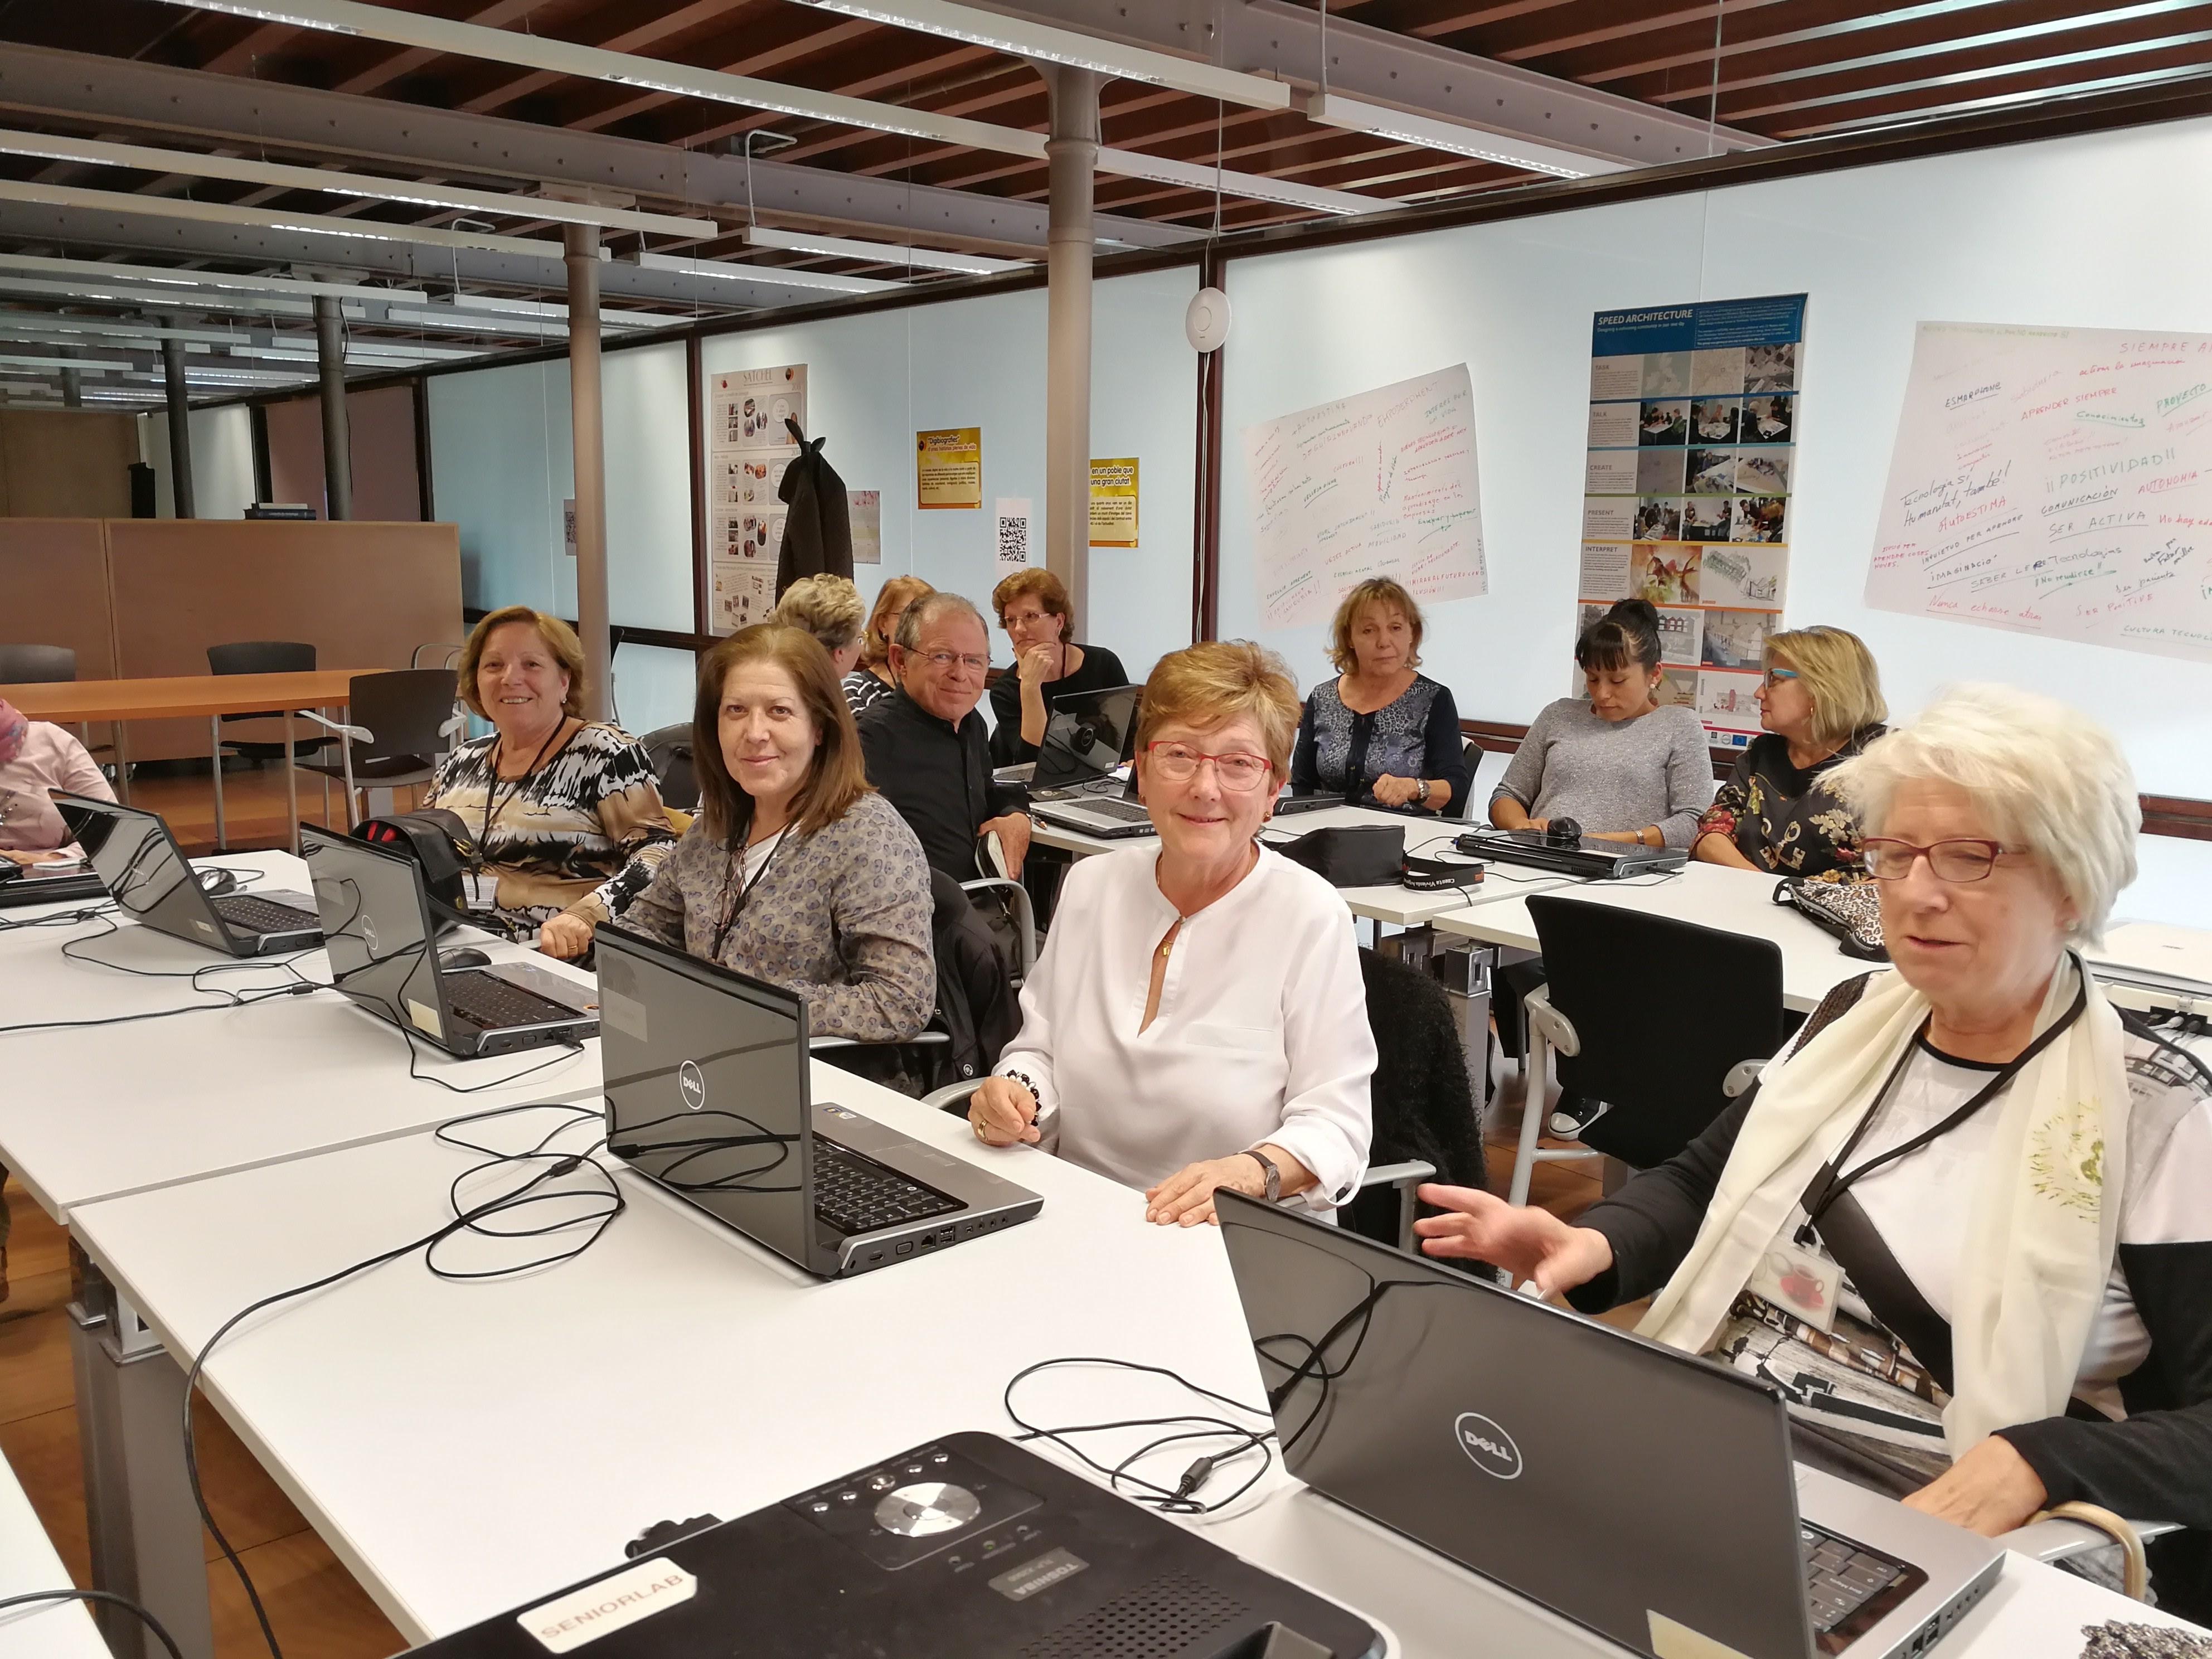 La Comunitat De SeniorLab Reprèn La Tasca Dels Seus Projectes Socials I Tecnològics